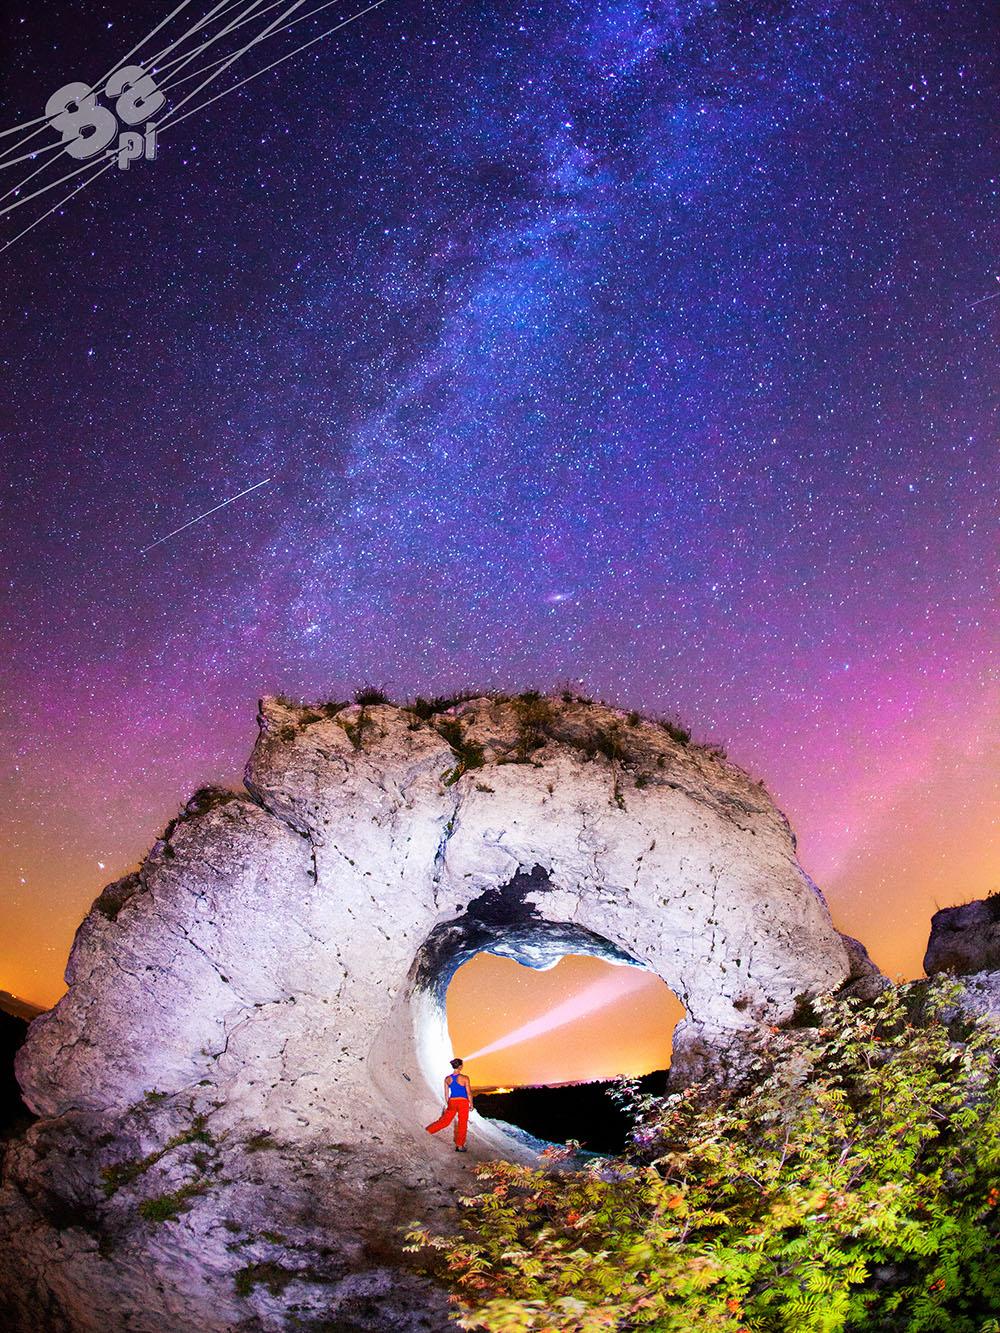 Niebo pełne gwiazd pod skałą